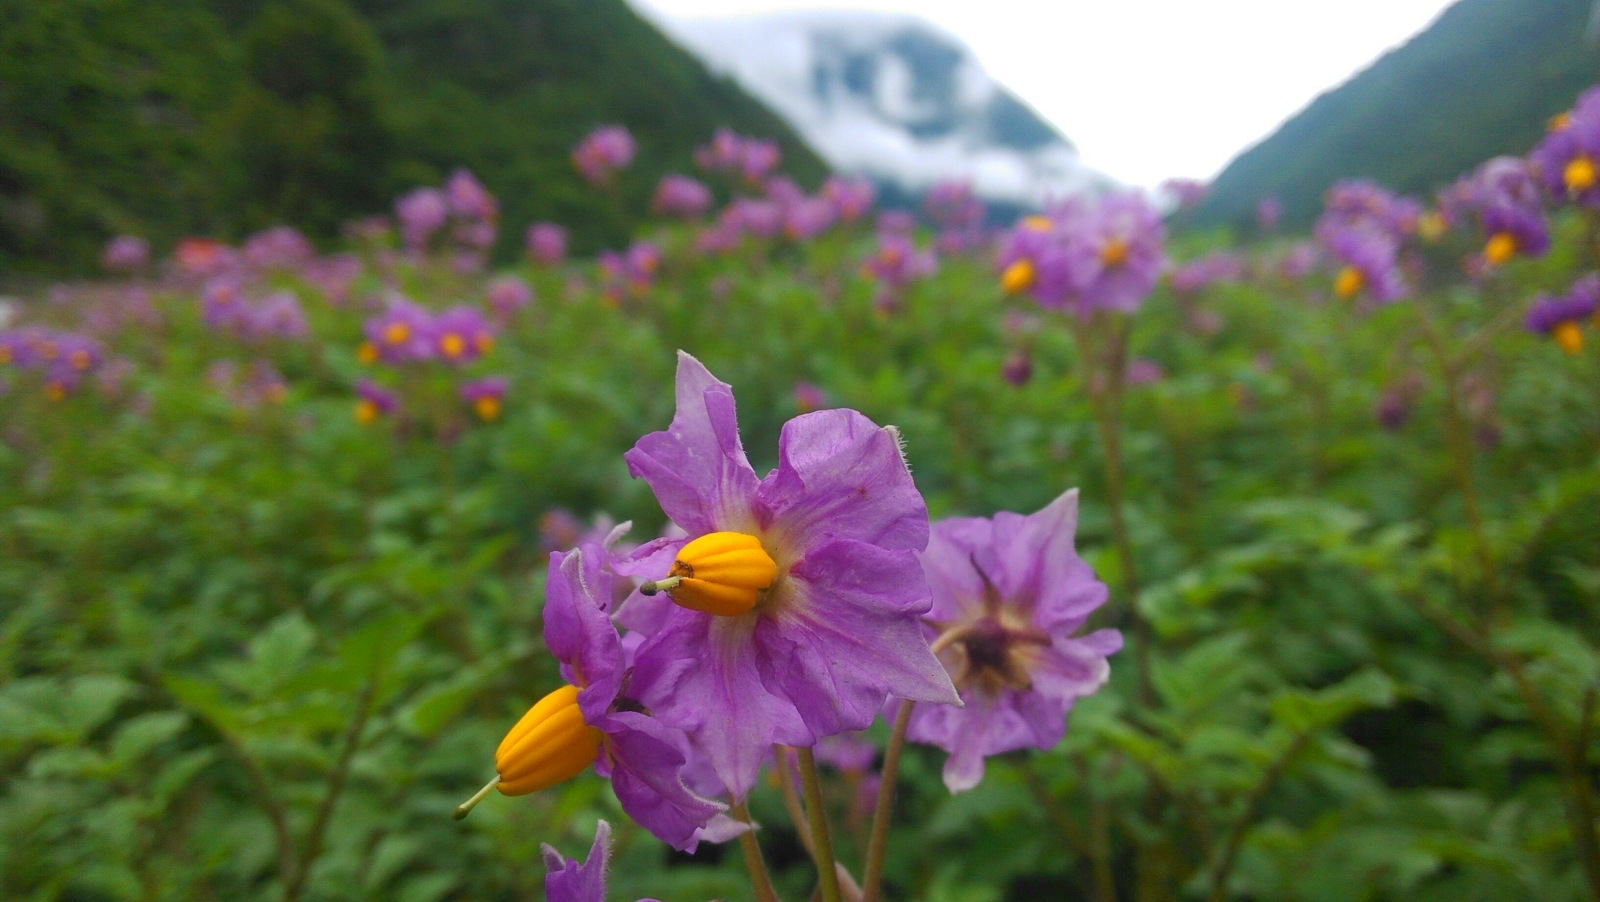 生长在这样一片美丽的土地,作为花儿也是很幸福的一件事情哈